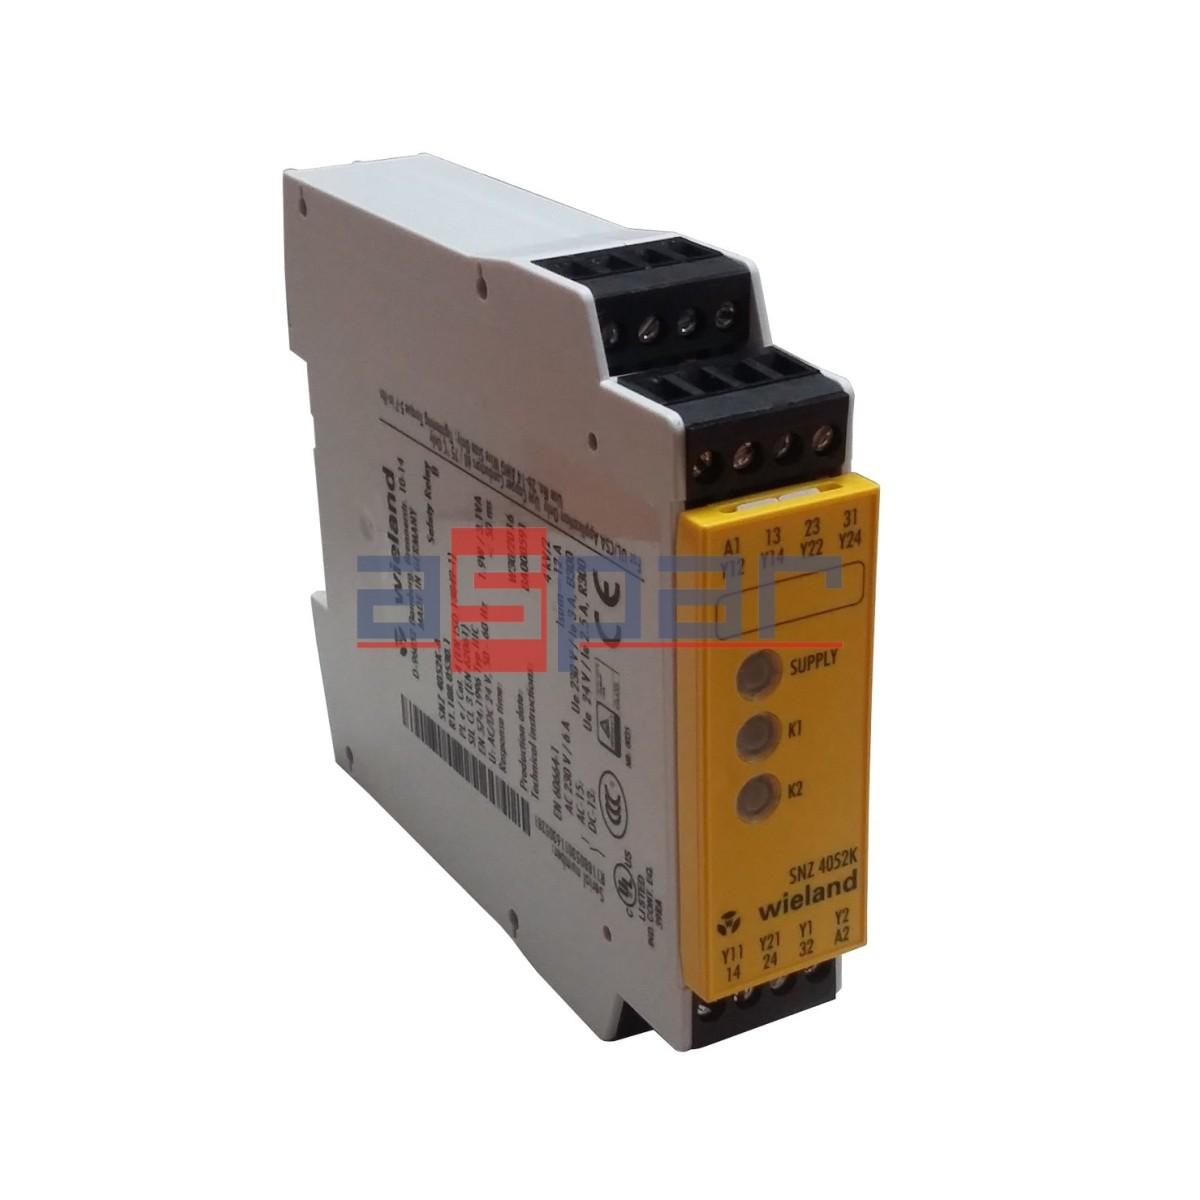 SNZ4052K-A - przekaźnik sterowania dwuręcznego 24V AC/DC